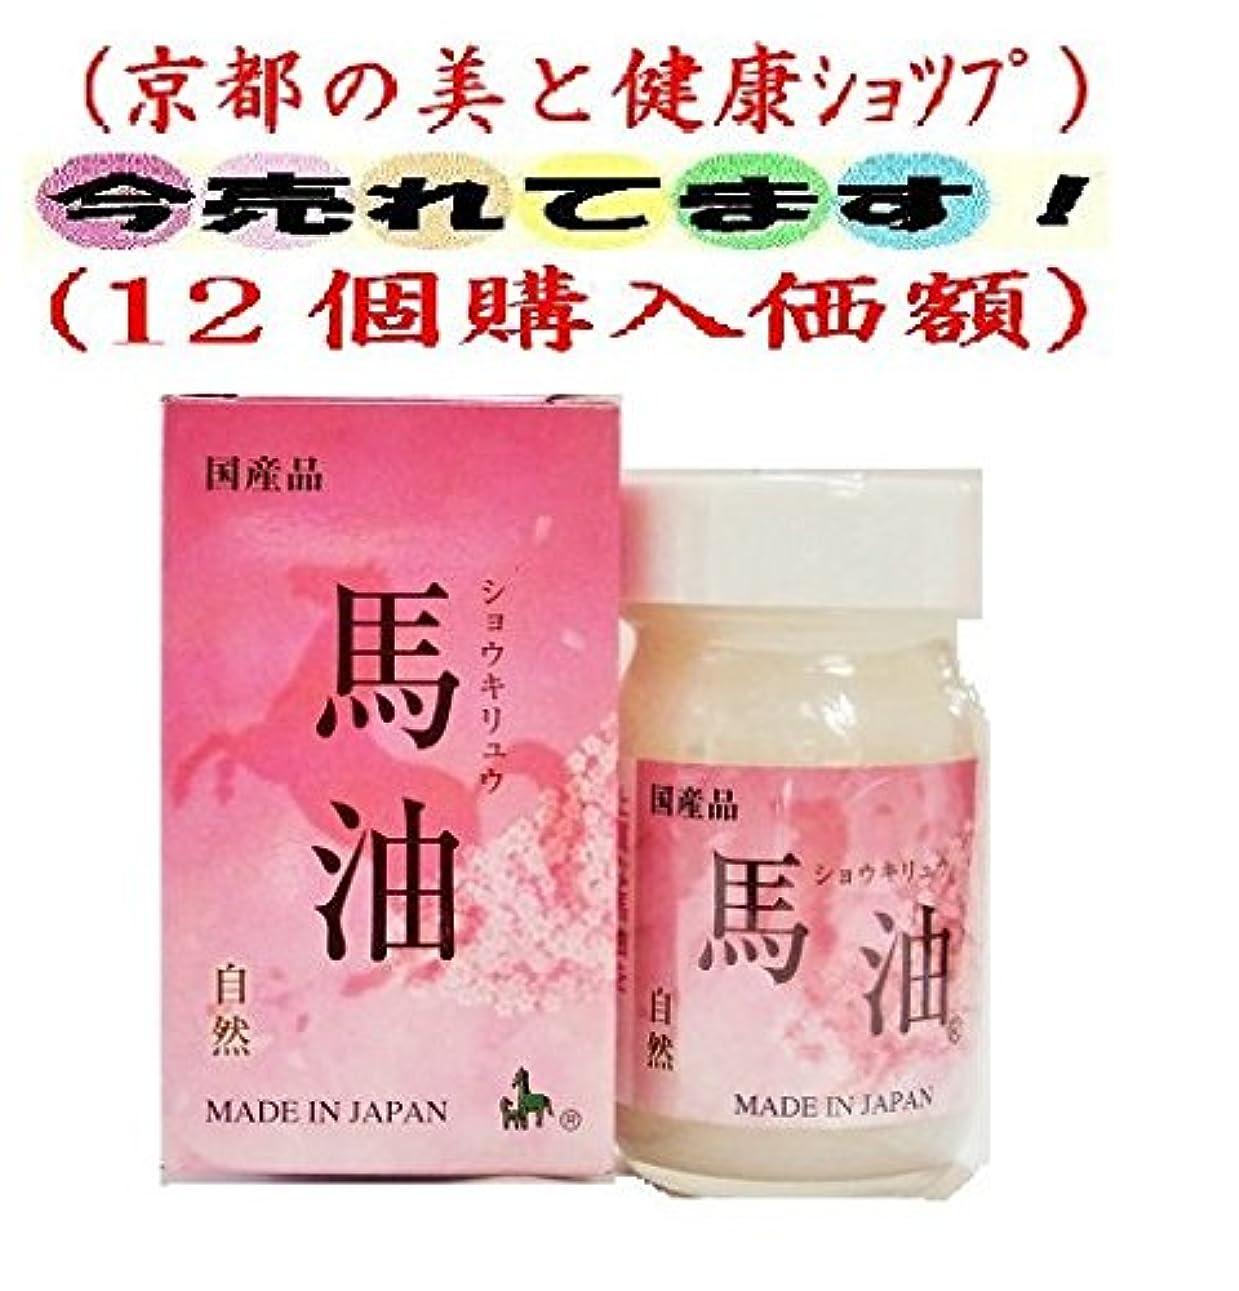 過去温室トリムショウキリュウ 馬油 自然 70ml (桜 ピンク化粧箱 12個購入価額)